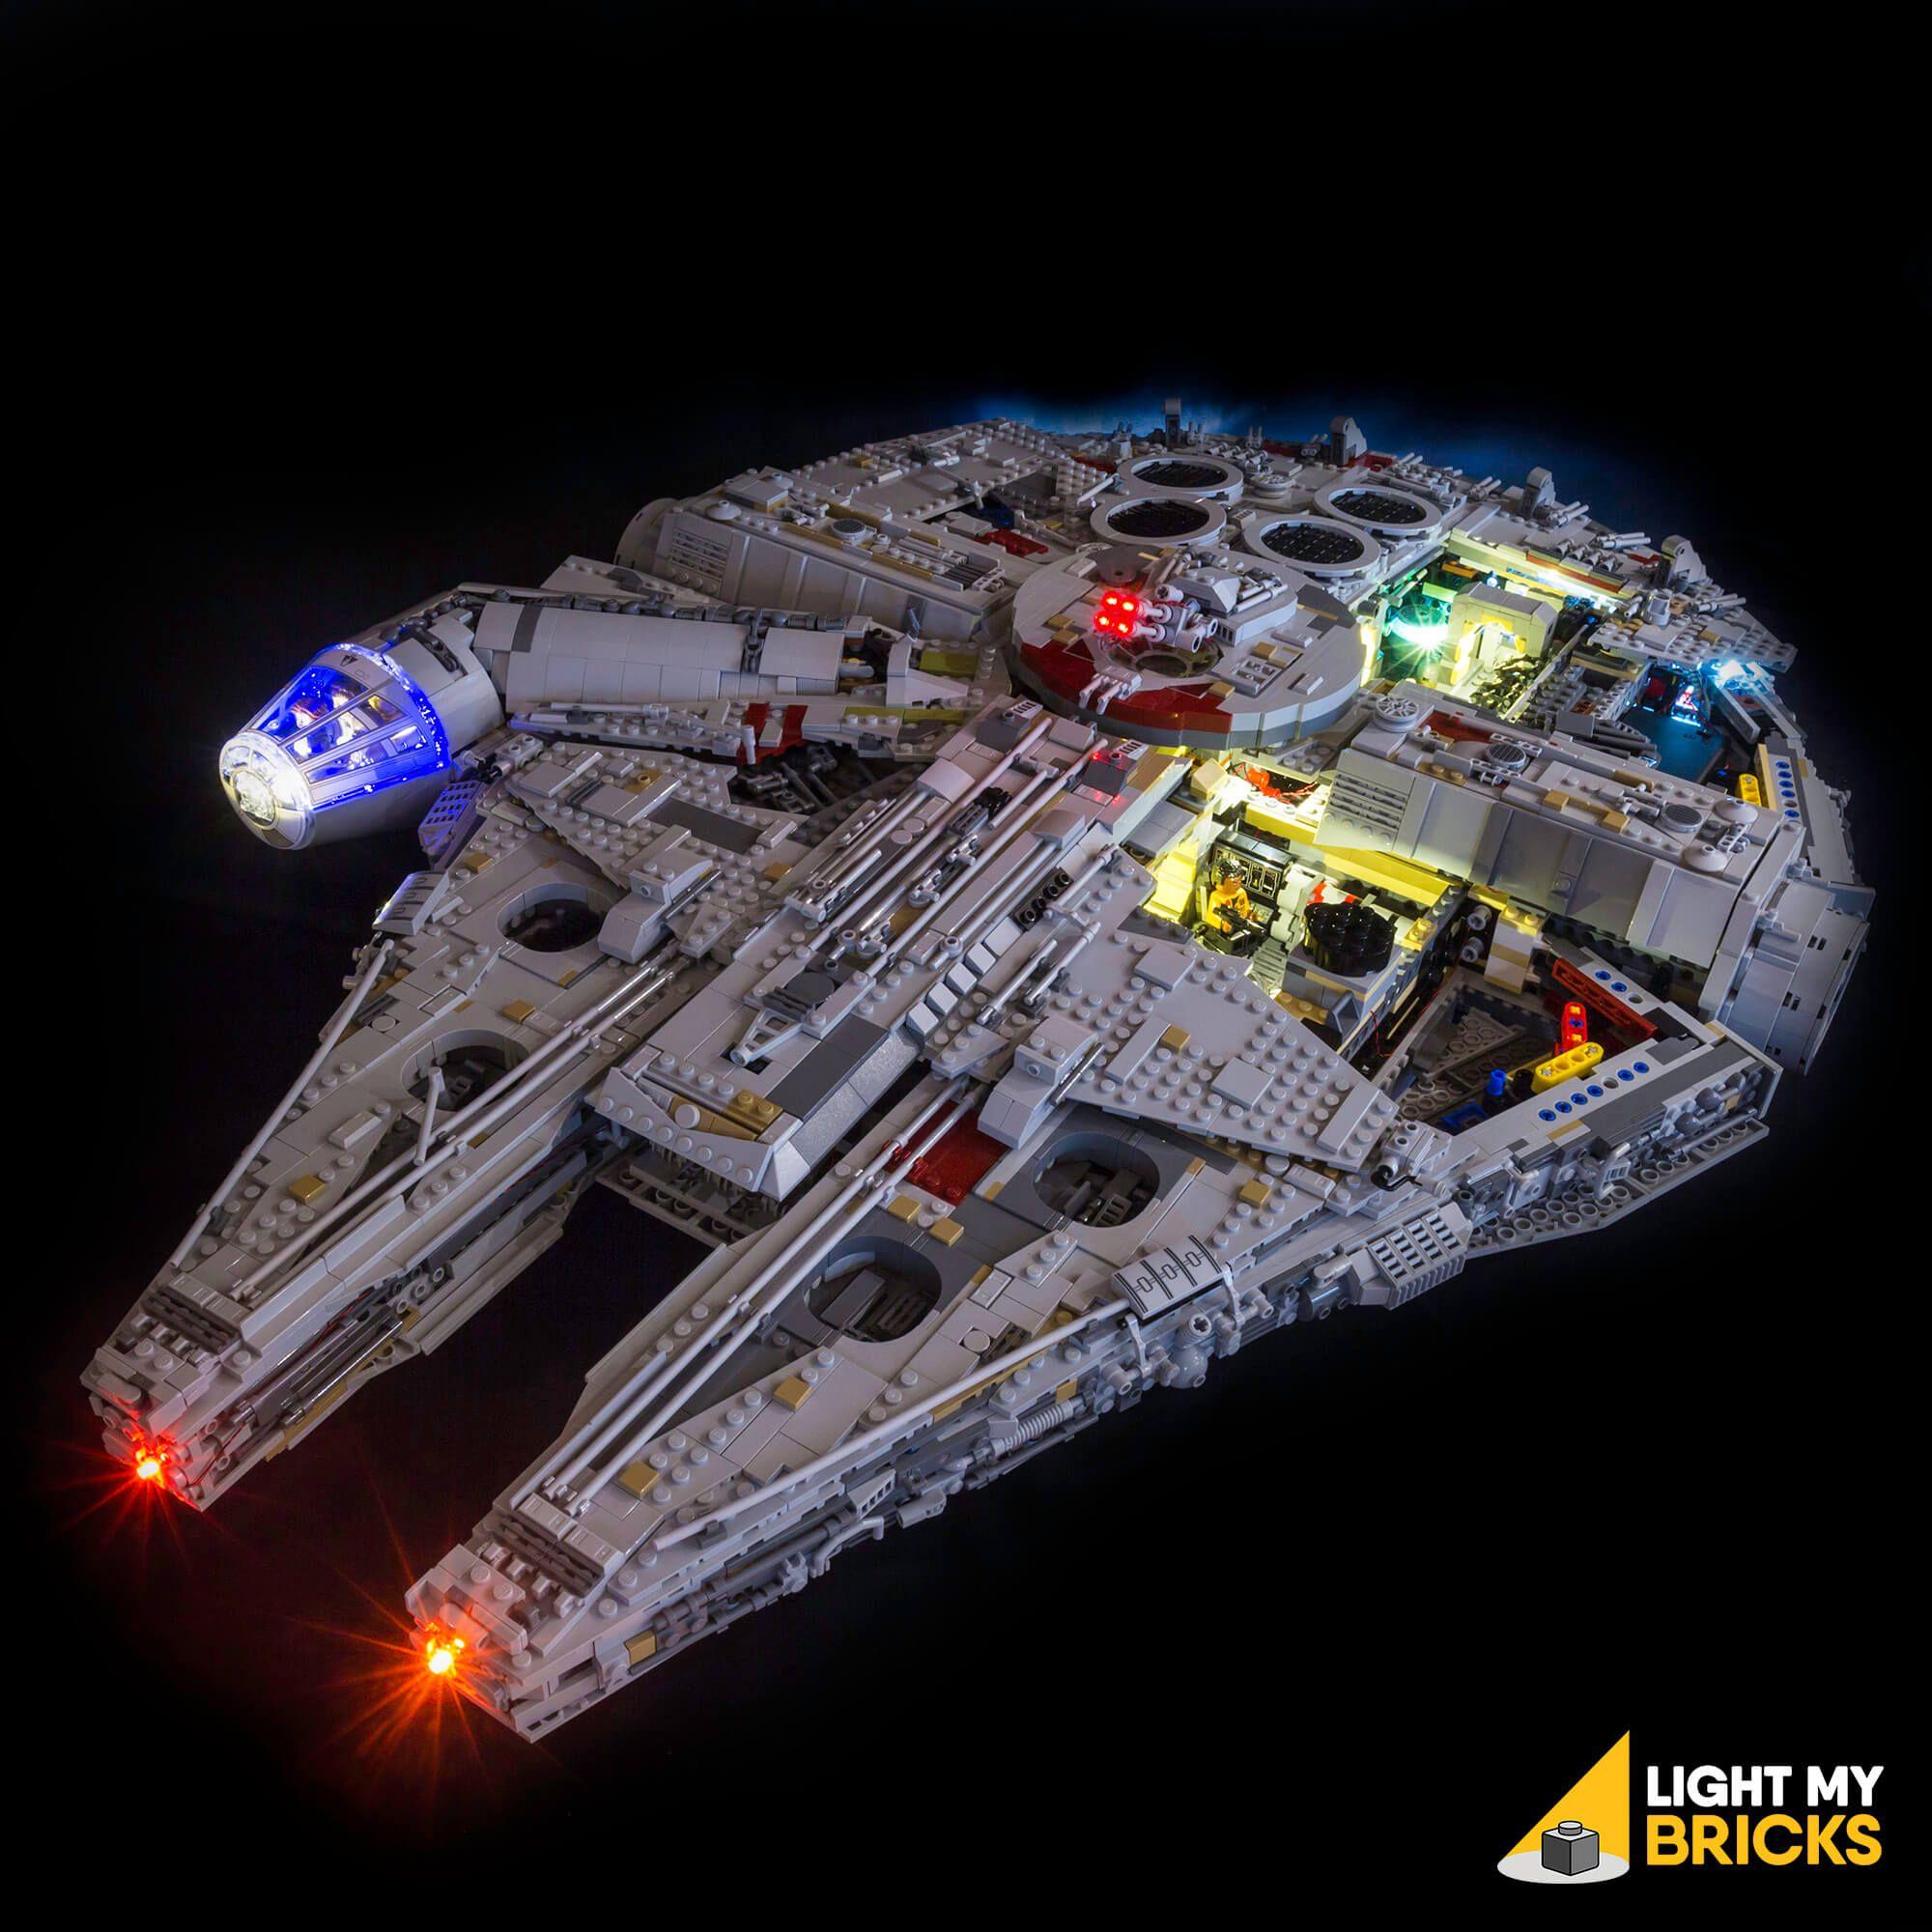 Lego Star Wars Ucs Millennium Falcon 75192 Light Kit Millennium Falcon Led Light Kits Lego Lighting